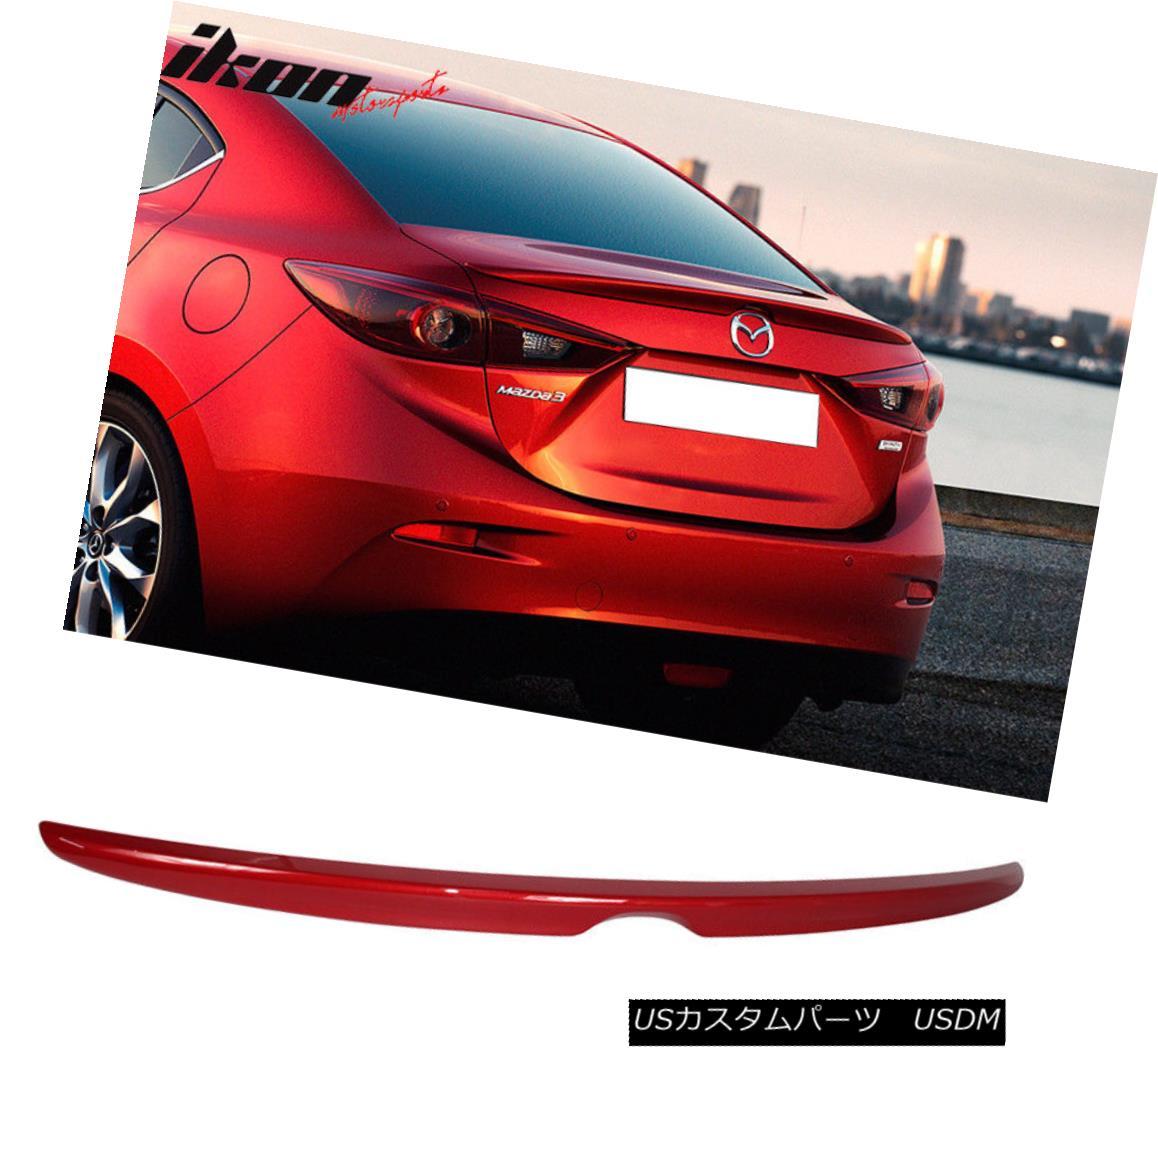 エアロパーツ Fits 14-16 Mazda 3 Sedan OE Factory Painted Trunk Spoiler #41V Soul Red Metallic フィット14-16マツダ3セダンOE工場塗装トランクスポイラー#41Vソウルレッドメタリック